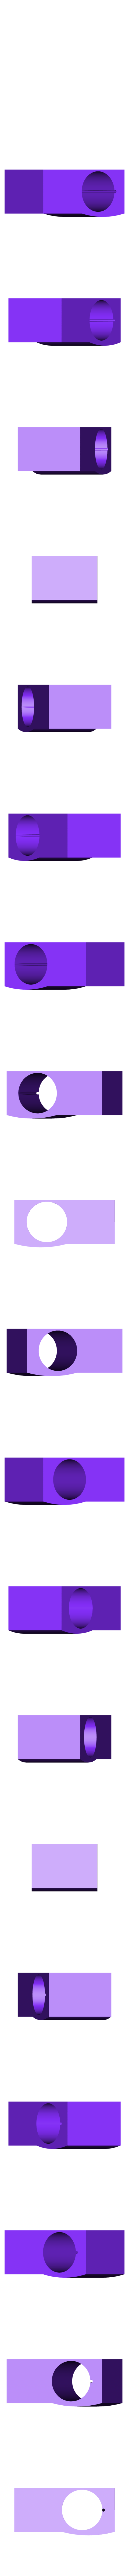 SBT9moun-rotated.stl Download free STL file SBT9 geiger tube holder for the Vindolins geiger enclosure • Model to 3D print, glassy